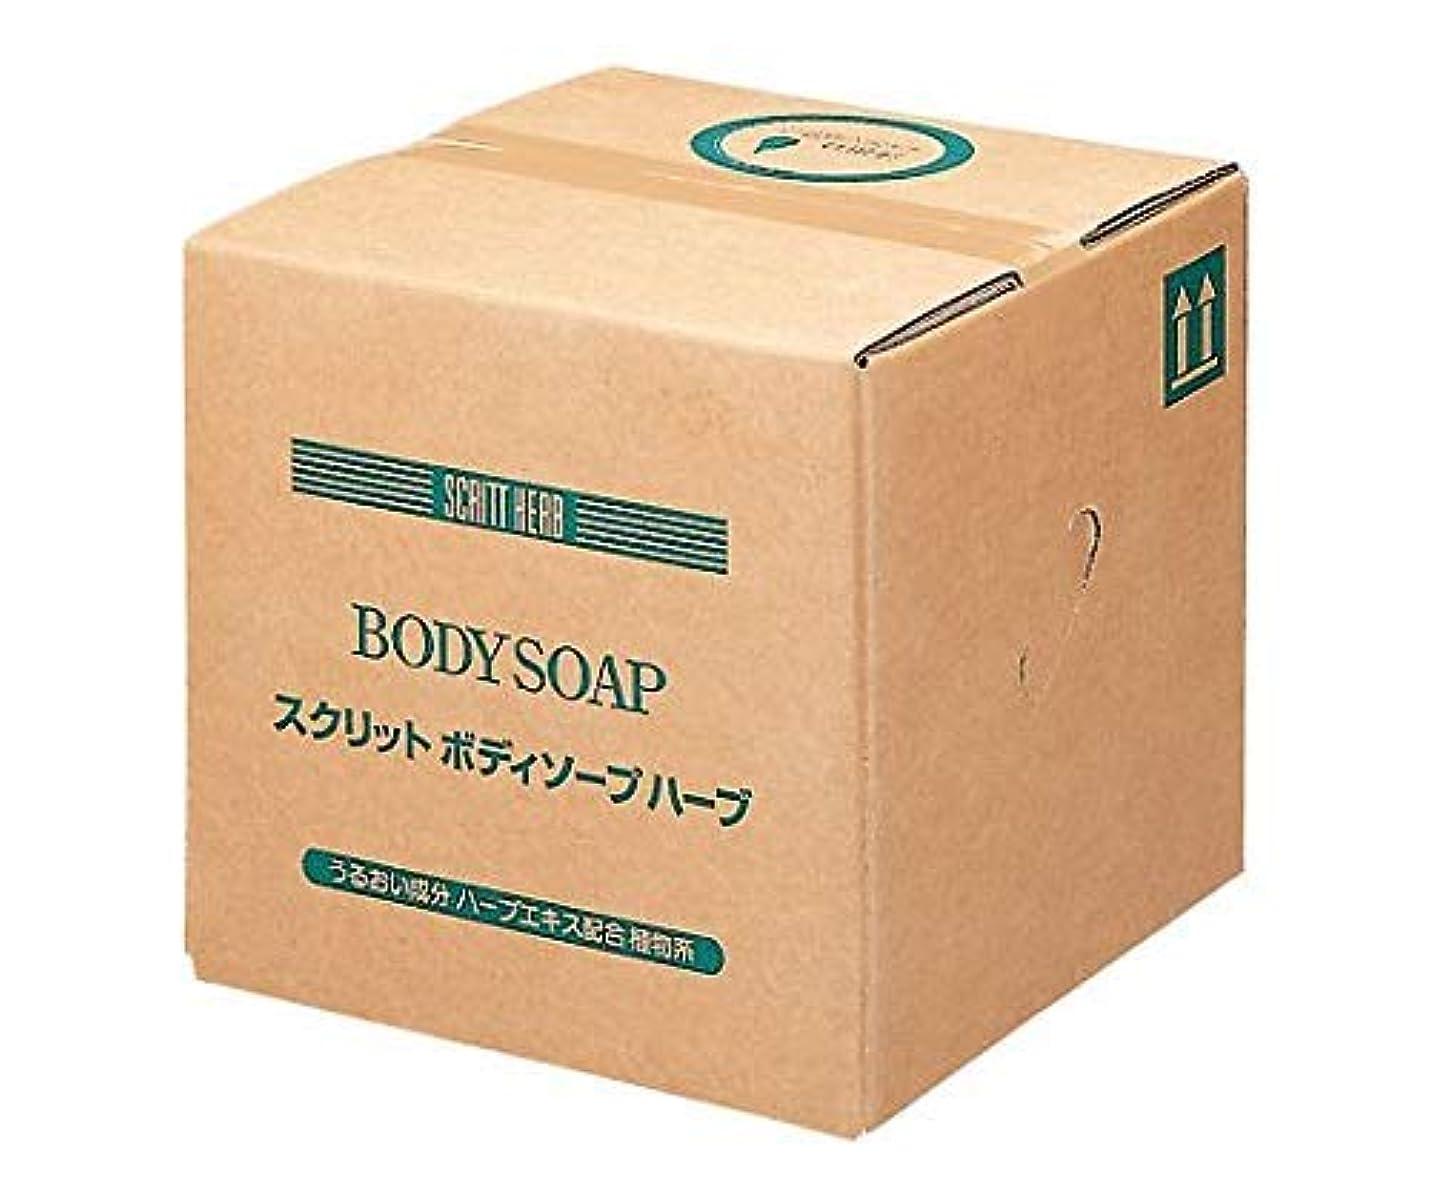 フォーマルワークショップピッチャー業務用 SCRITT(スクリット) ボディソープ 18L 熊野油脂 (コック付き)